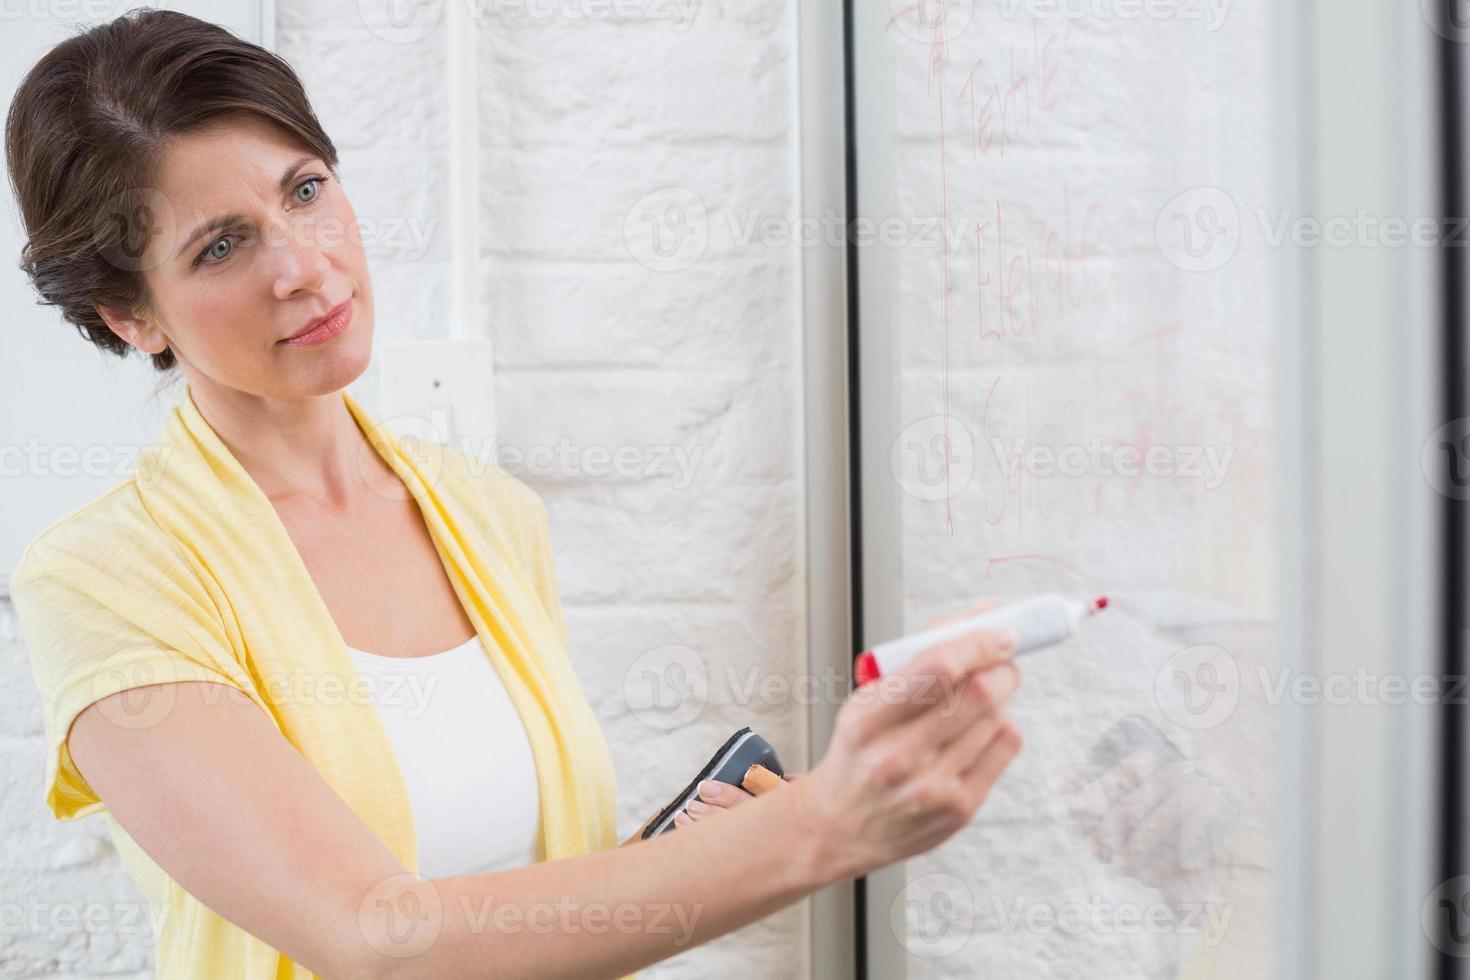 Geschäftsfrau hält einen Marker und schreibt etwas foto